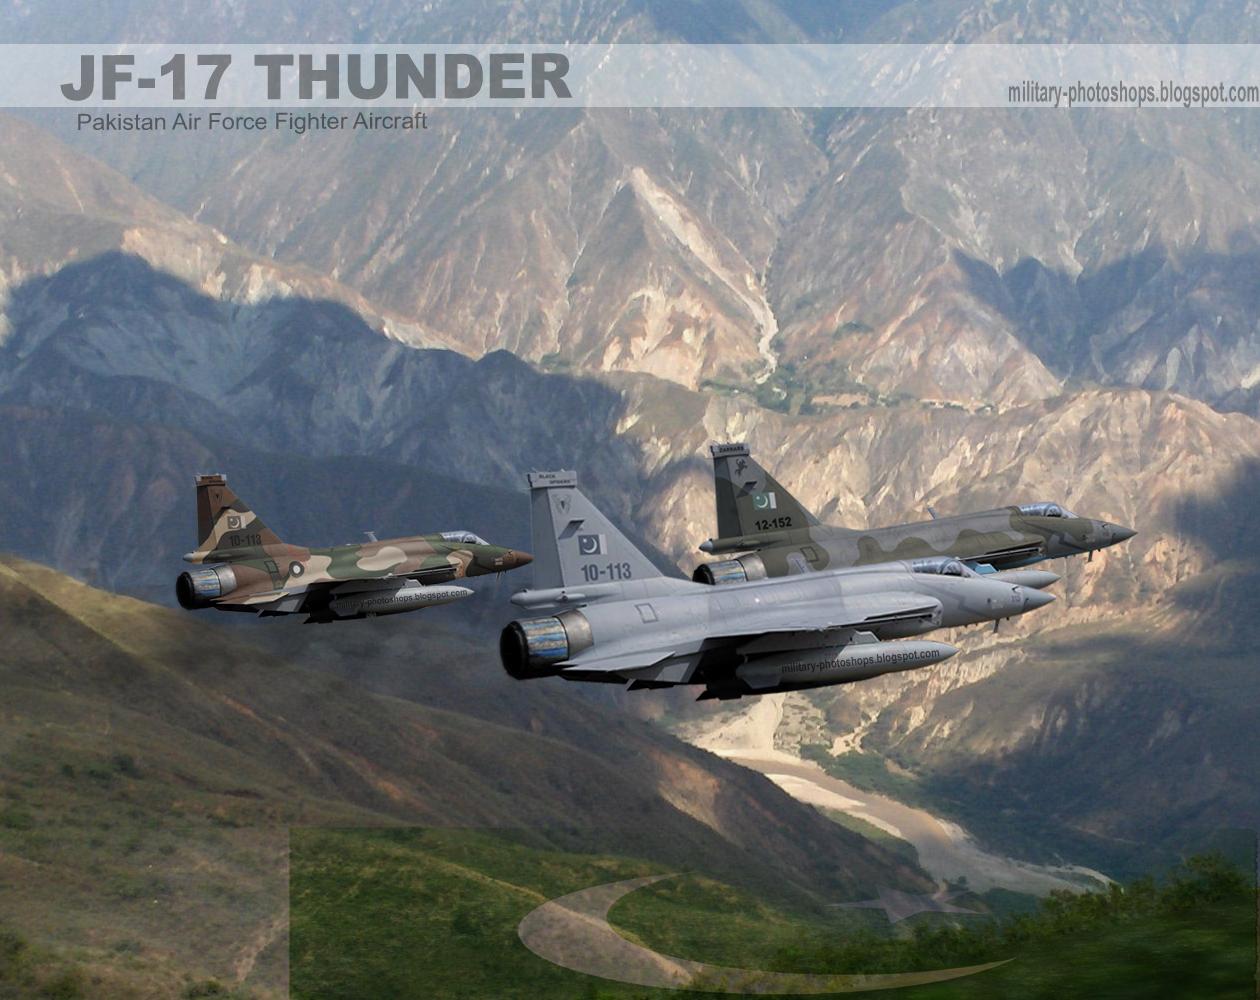 http://1.bp.blogspot.com/-YP2XgaojfNw/T6S4dpuUZ4I/AAAAAAAAAas/3qDqb8p7LTg/s1600/military-photoshops.blogspot.com+JF-17+wallpaper.jpg